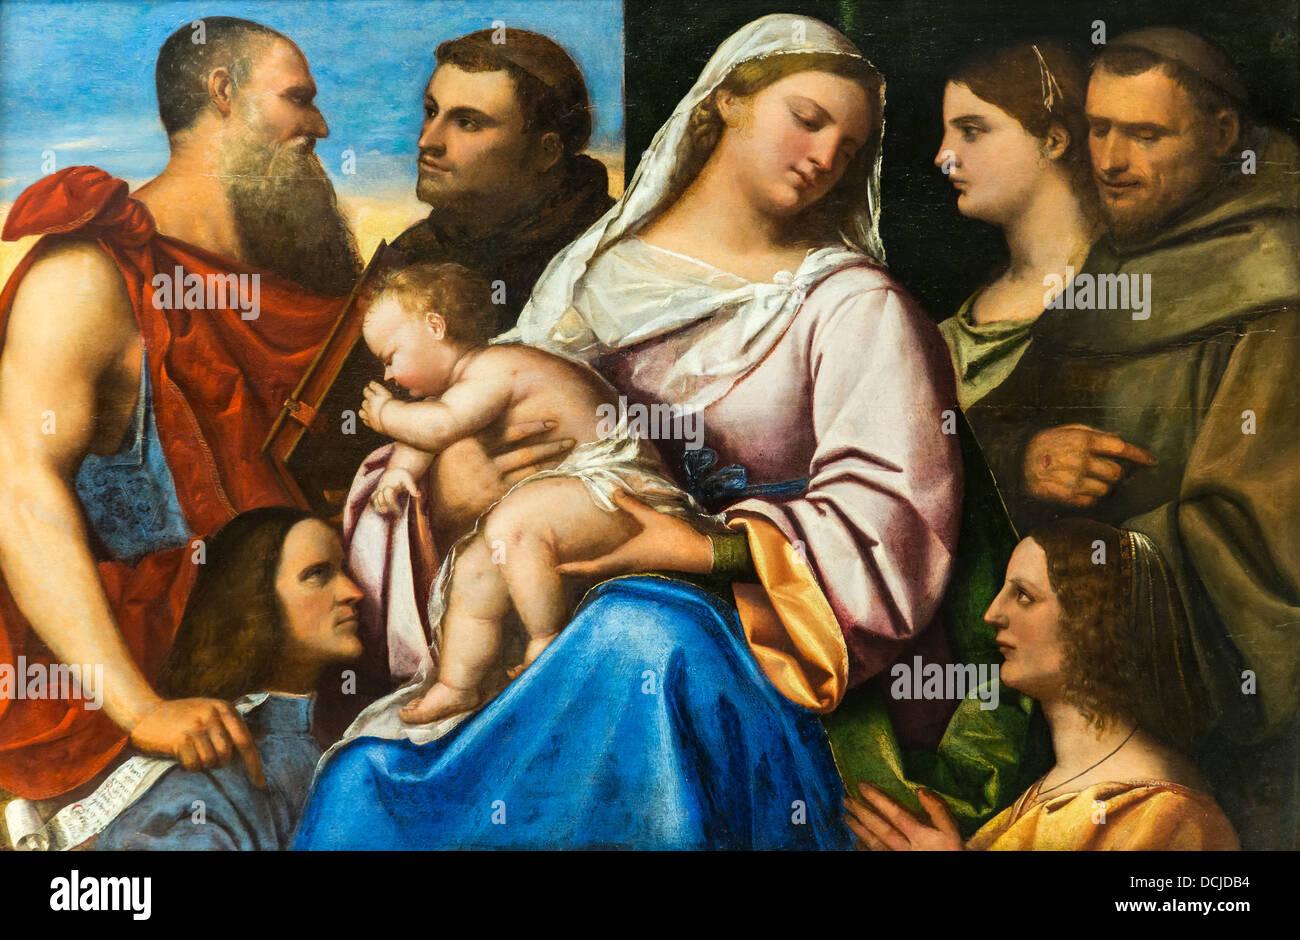 16e siècle - Vierge à l'Enfant avec saints et donateurs, 1510 - Sebastiano del Piombo Photo Stock